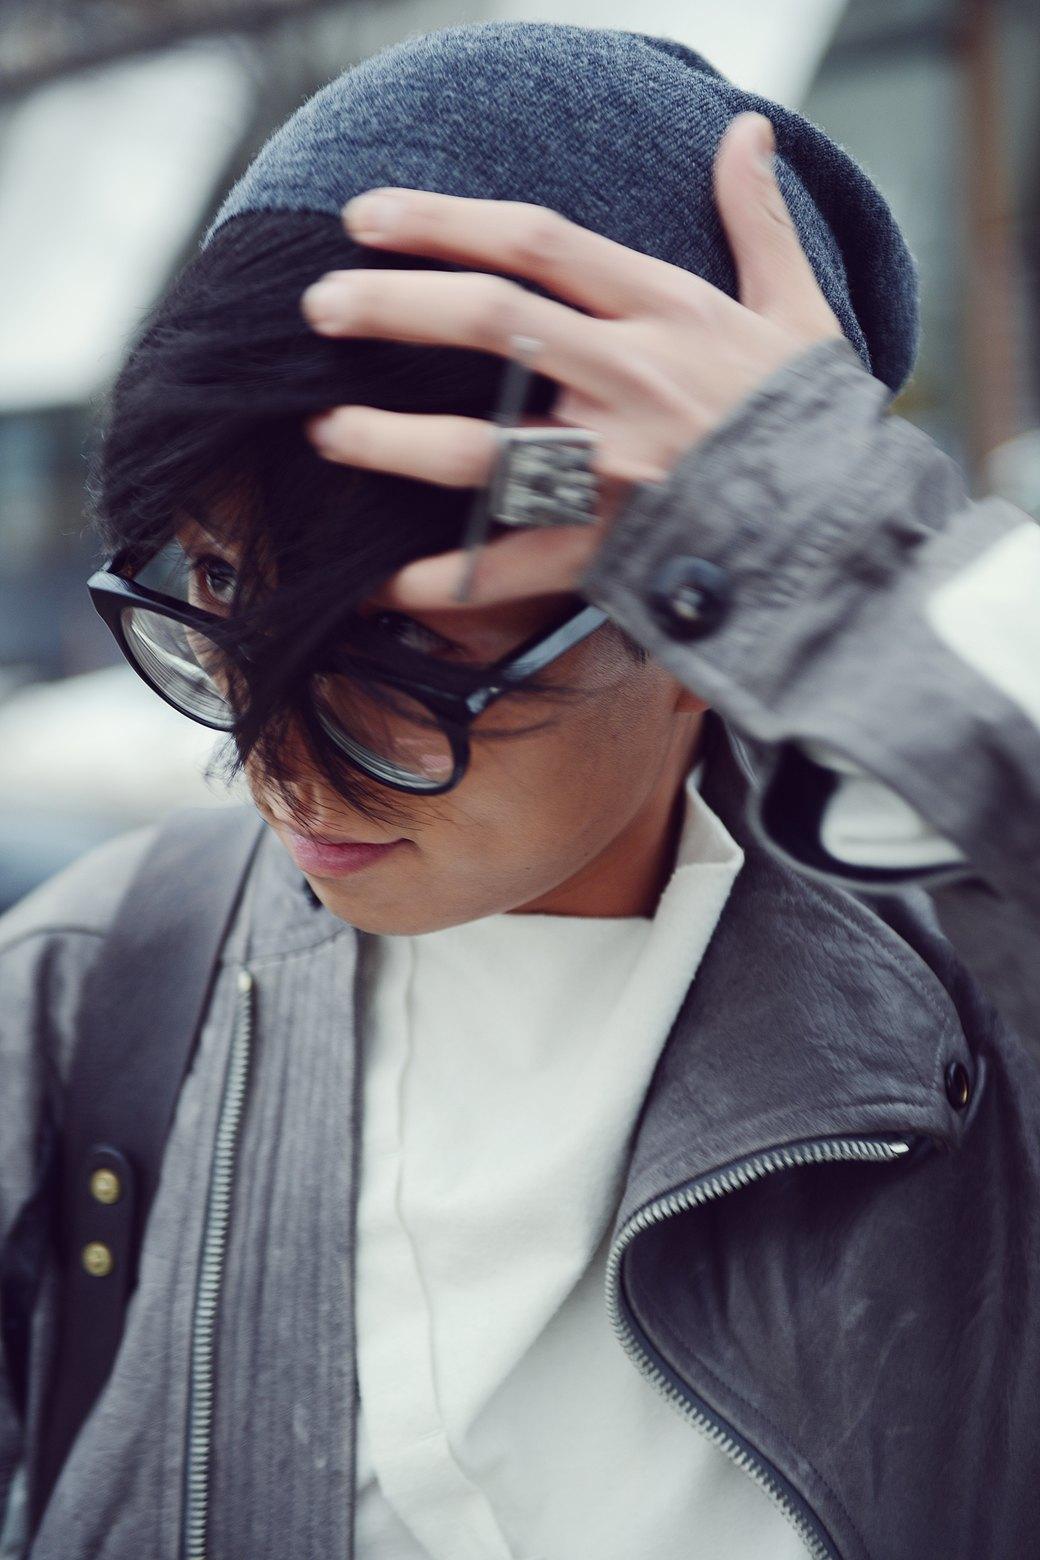 Шубы и горох на Stockholm Fashion Week. Изображение № 47.